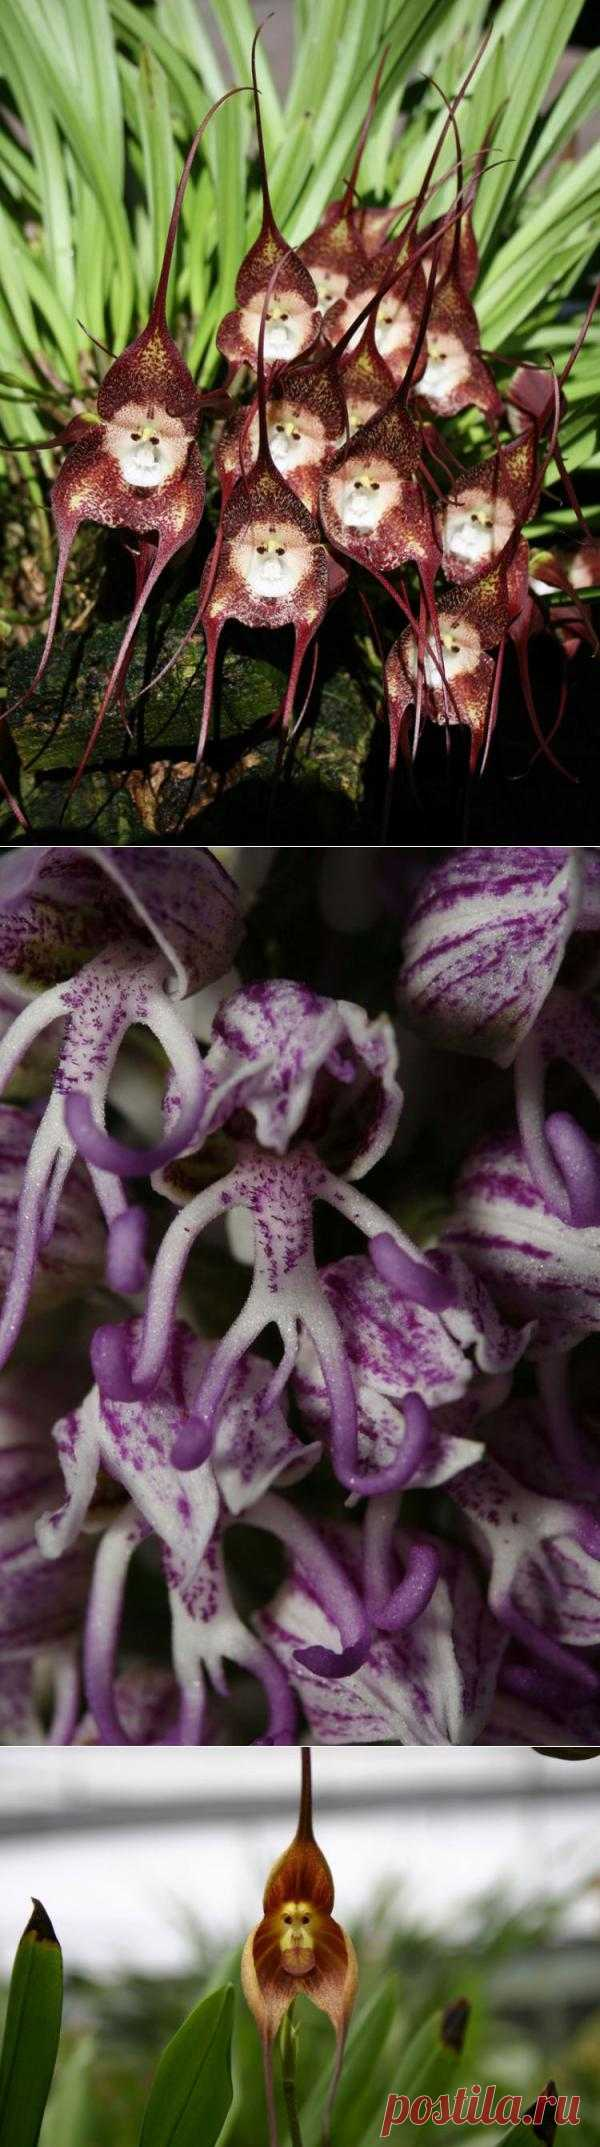 Обезьяньи Орхидеи